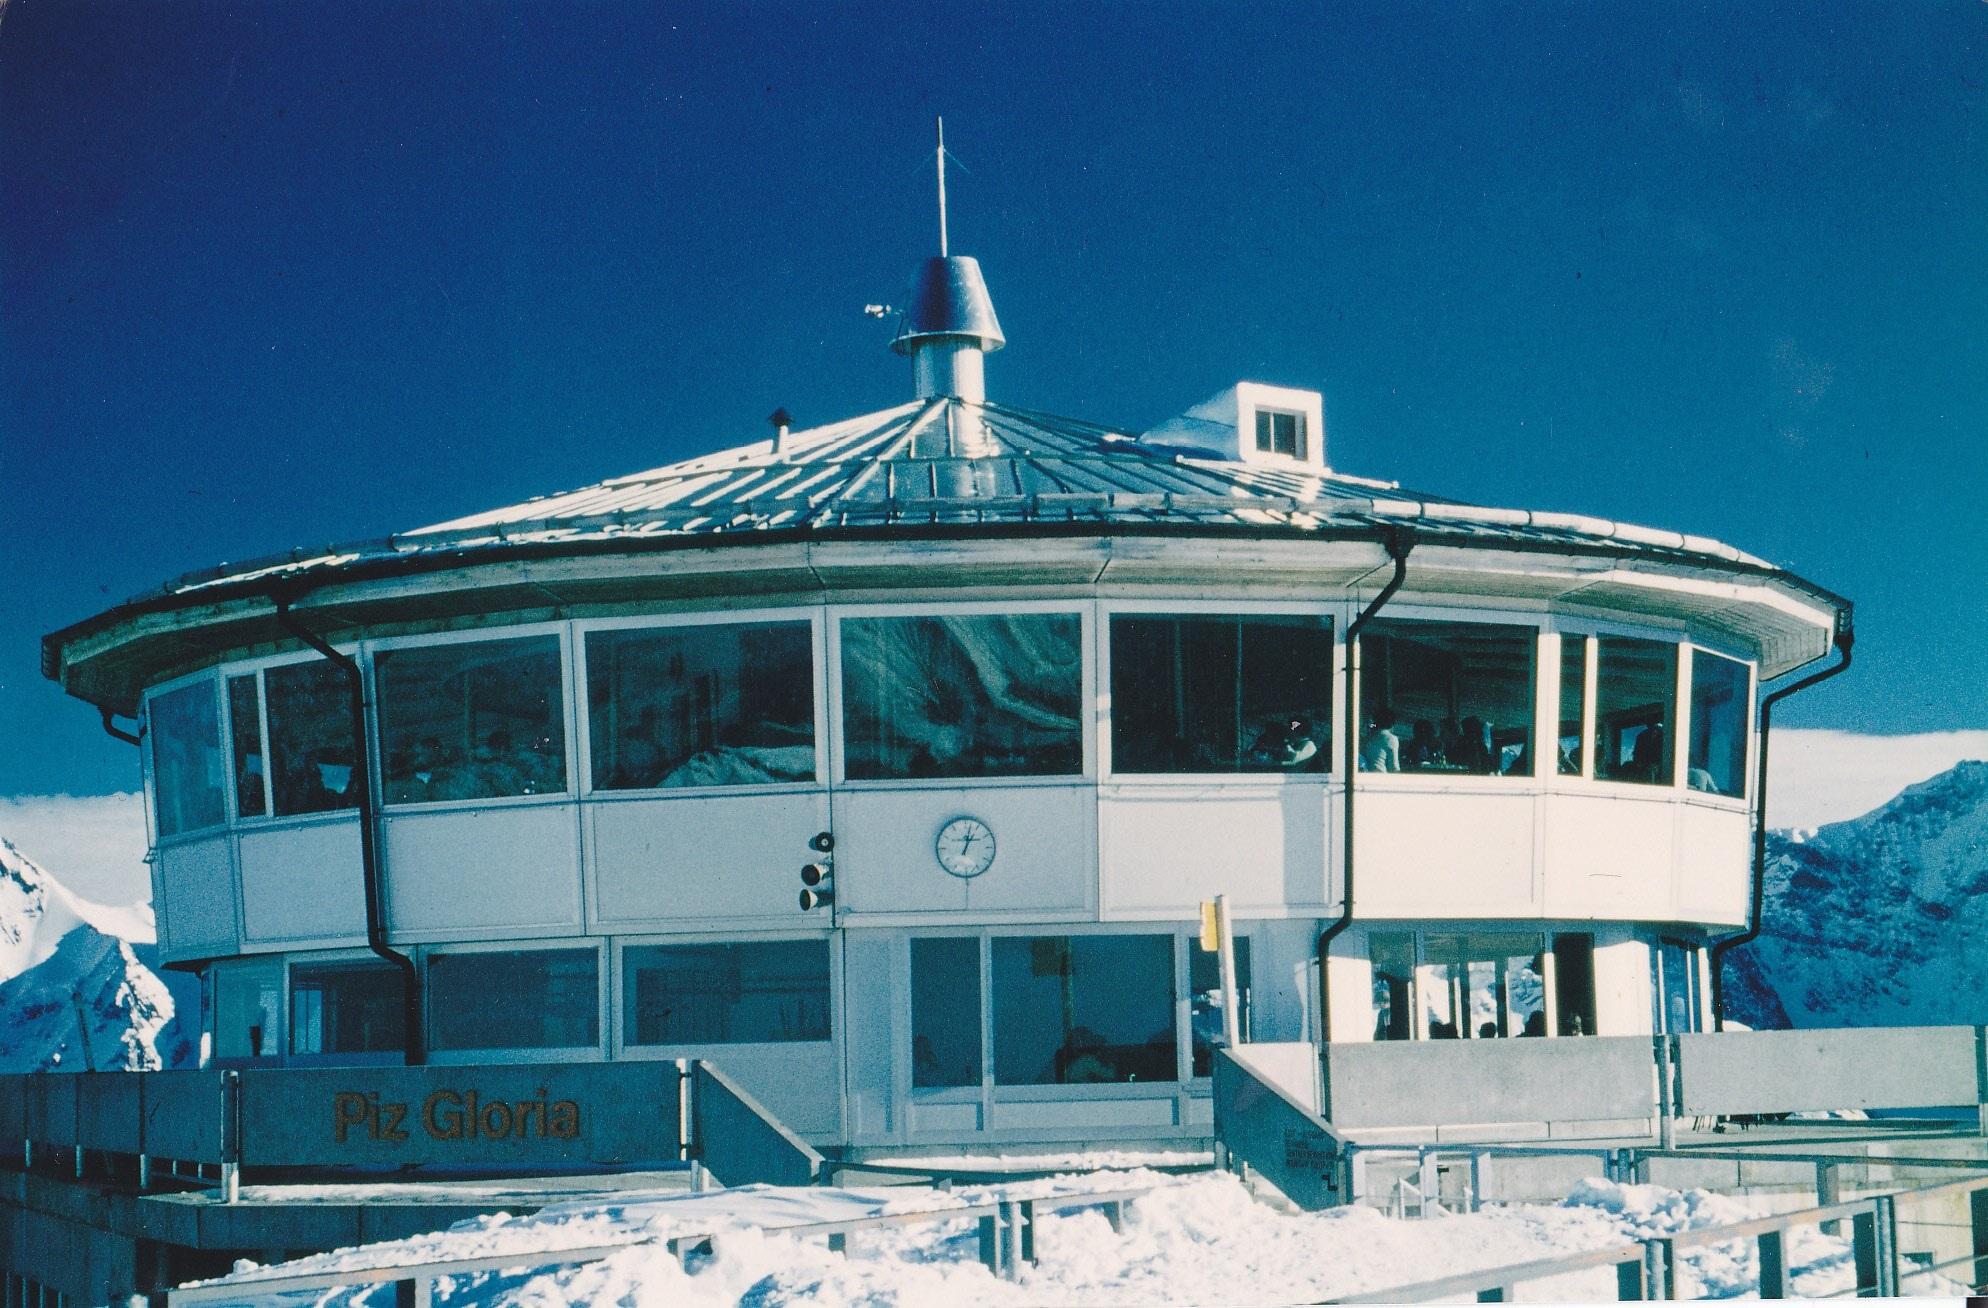 fotos gratis nieve invierno muelle barco edificio restaurante enviar vehculo yate fiesta nevado alpino puerto pequeo estadio